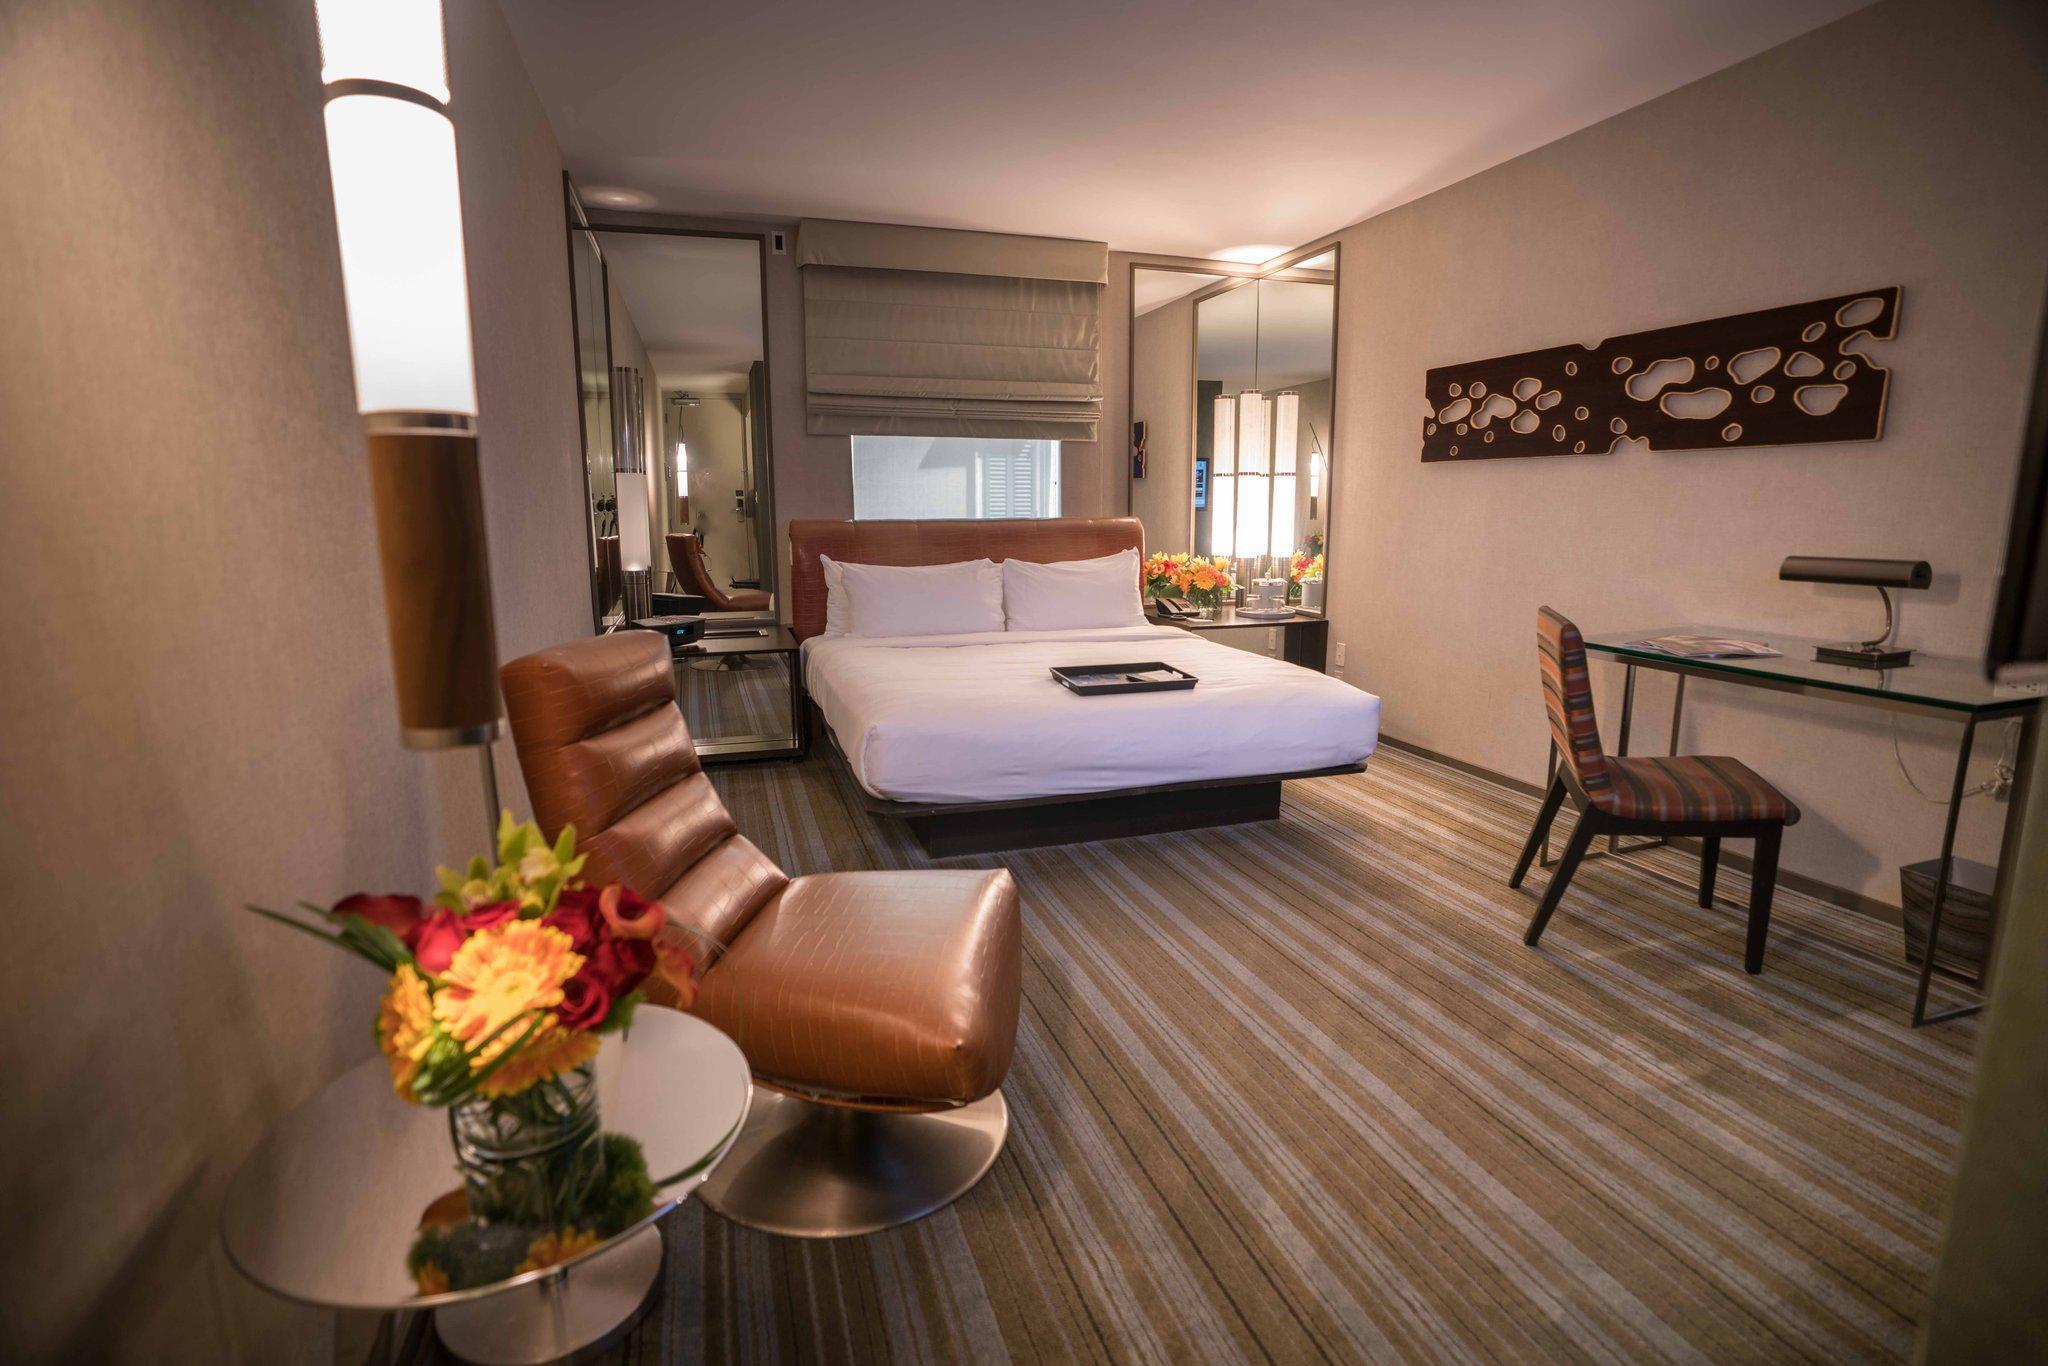 Mgm Grand Hotel And Casino Resort Las Vegas Nv Deals Photos Reviews